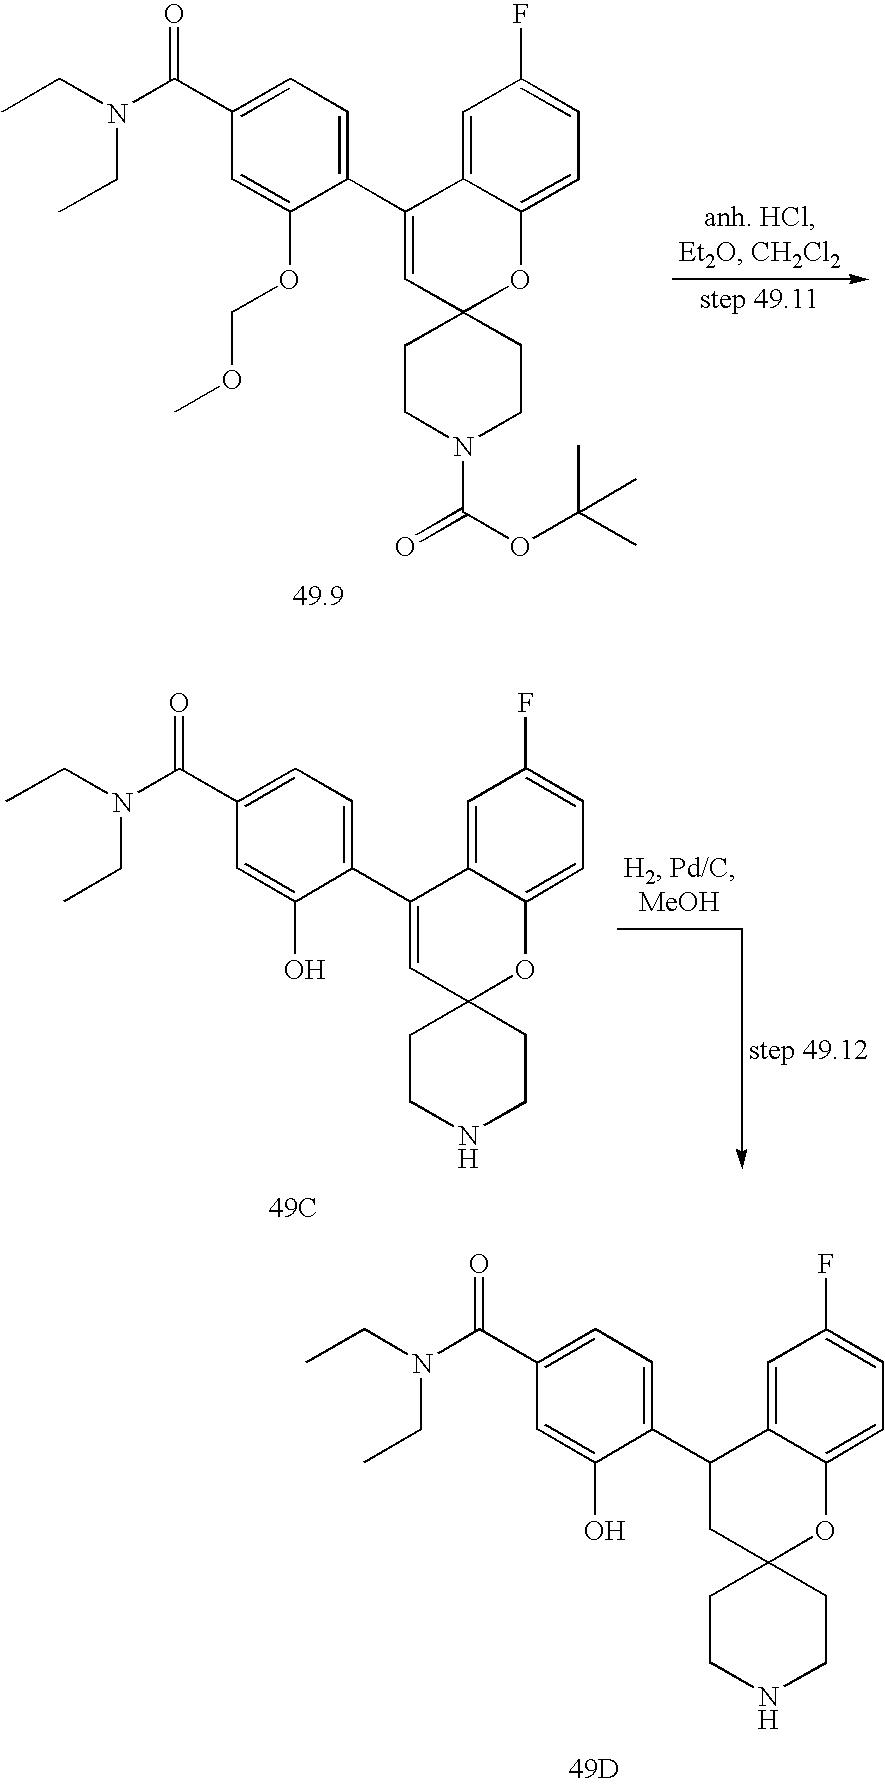 Figure US07598261-20091006-C00242